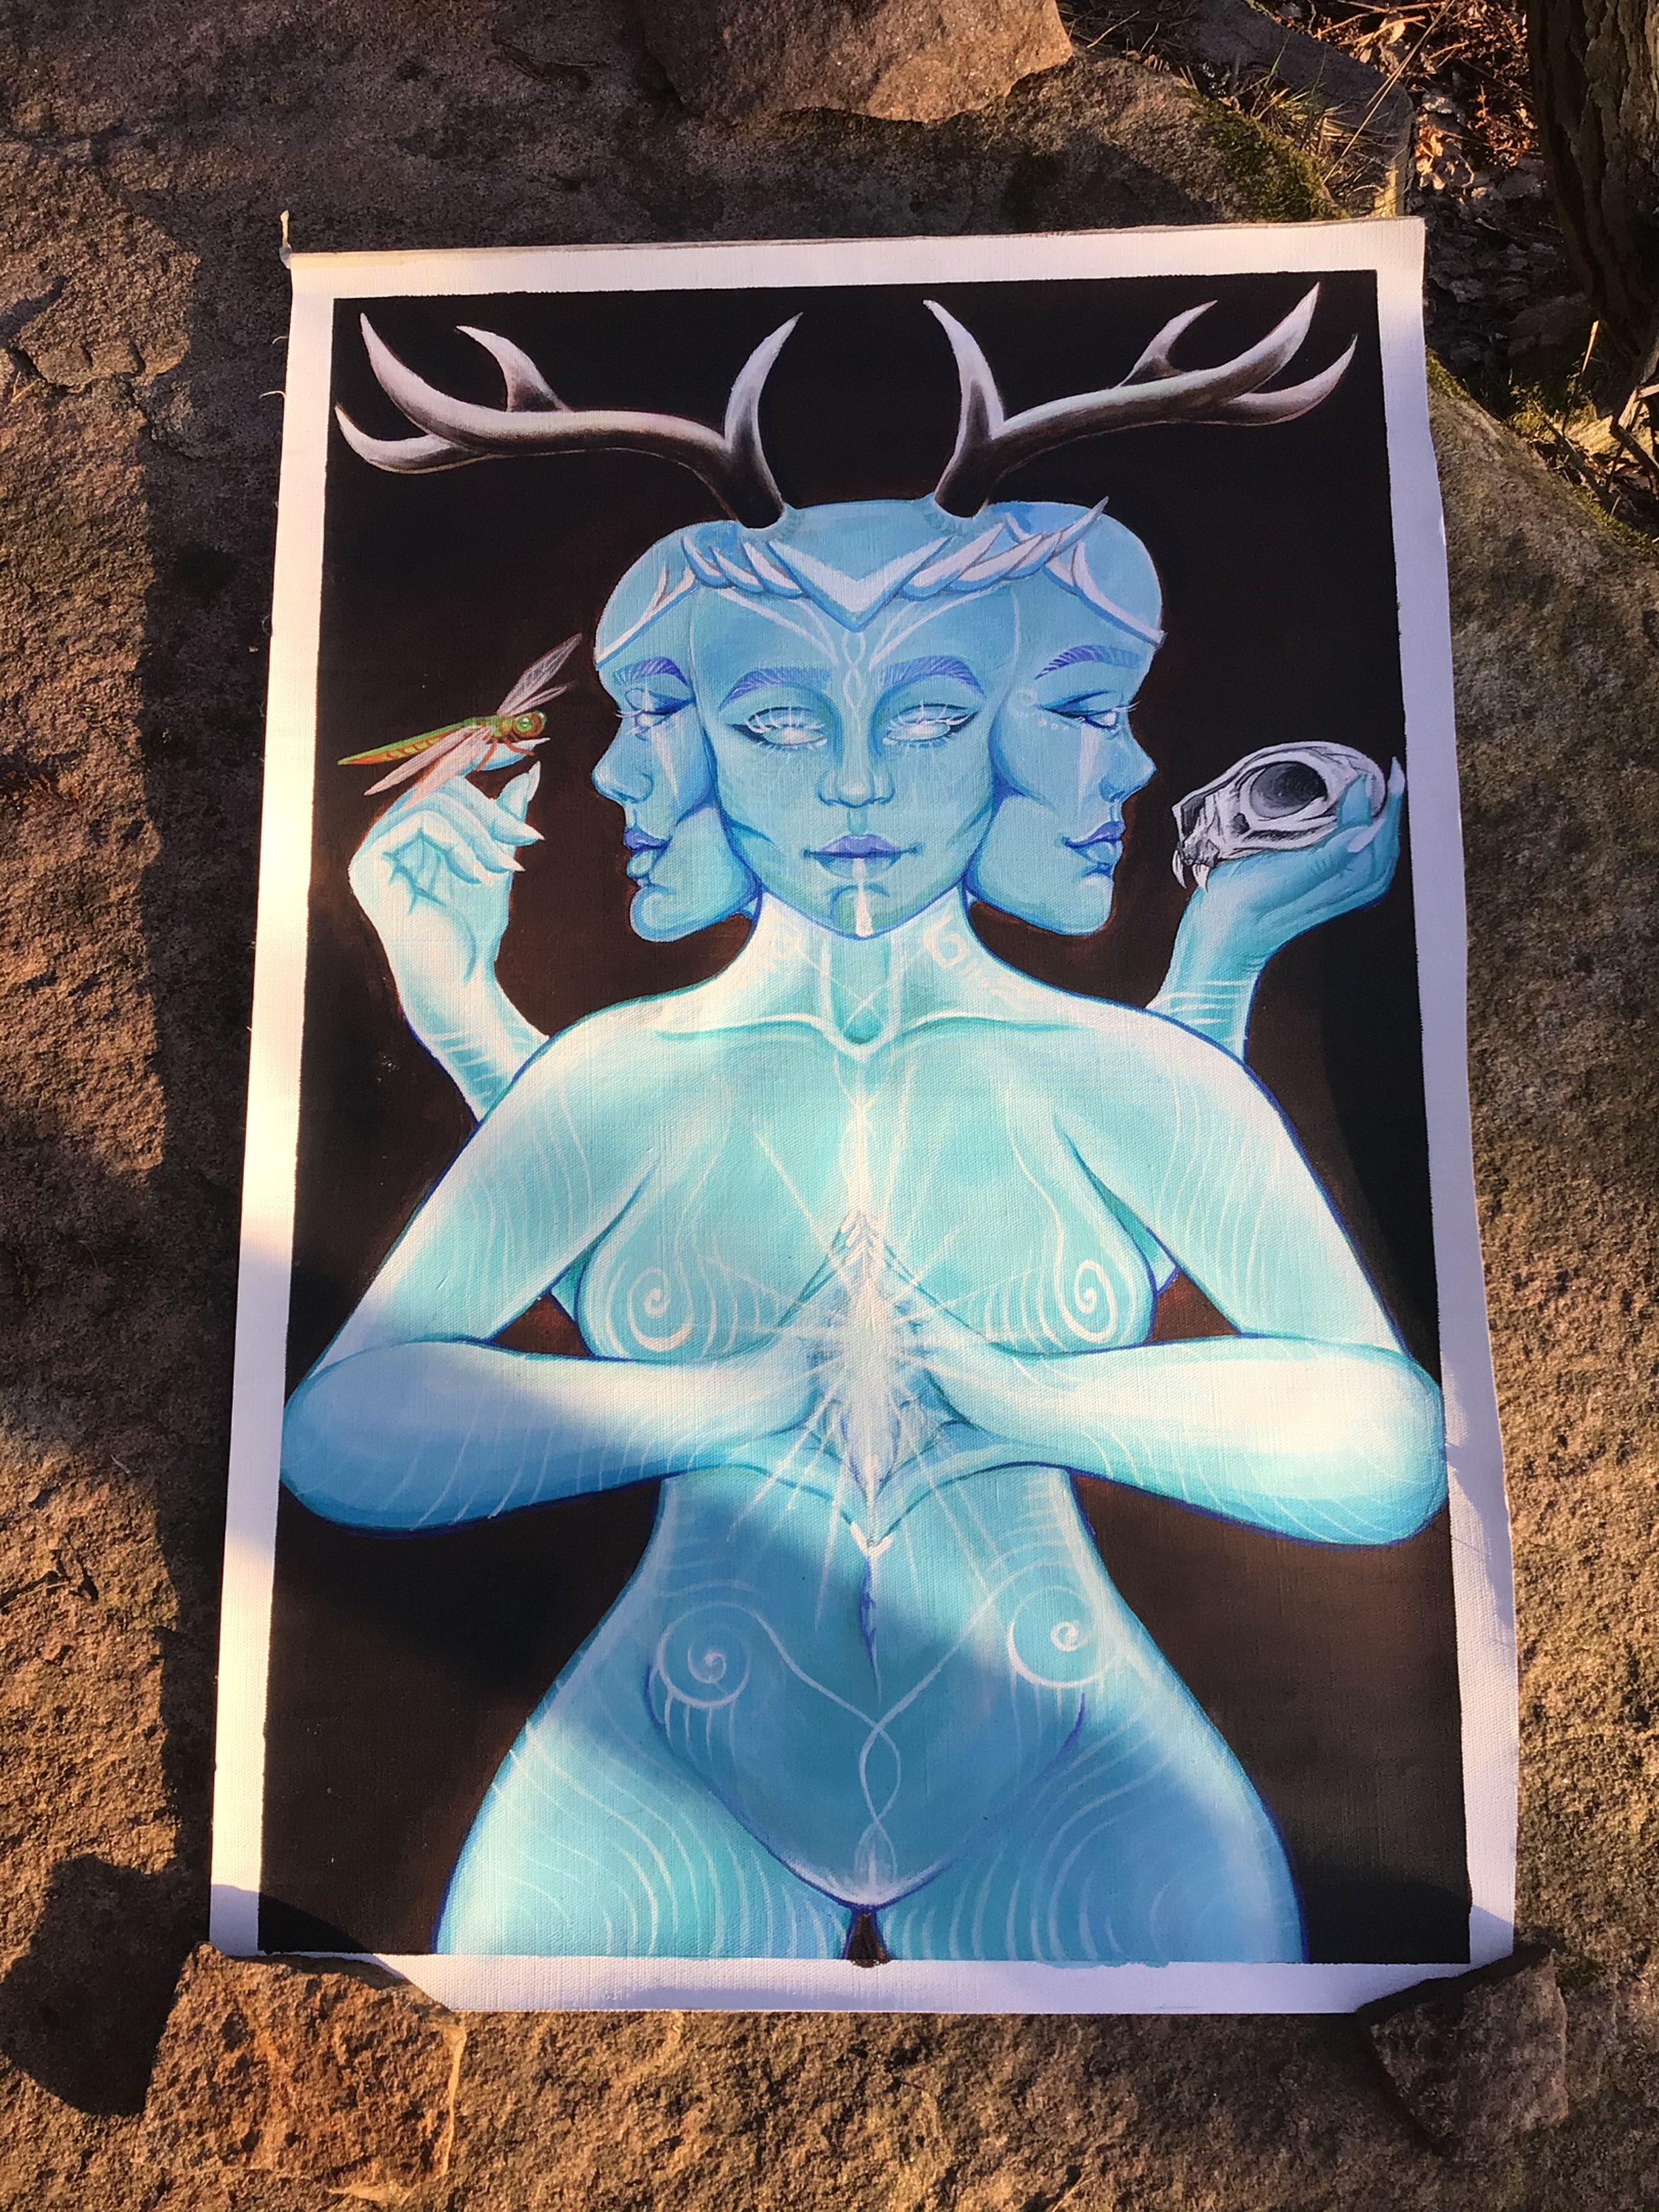 Målning av en kvinna med tre ansikten. Kvinnan är blå och har djur horn och i sina händer håller hon en en sten som lyser, ett djurkranium och en trollslända